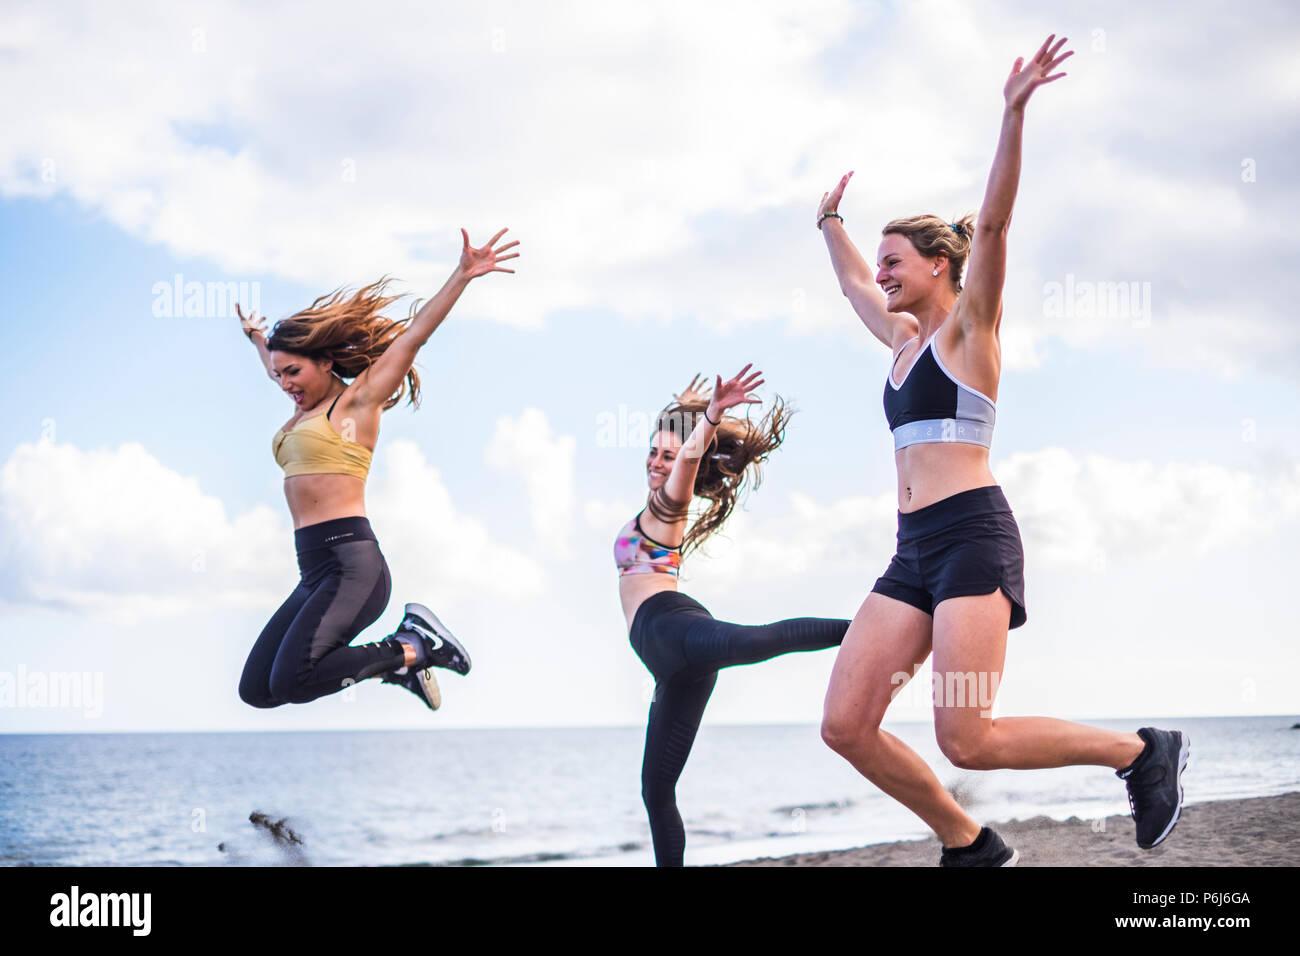 Trois belles filles cacuasian bodie sauter sur la plage faire fintess. entraînement sport loisirs plein air activité pour groupe de femelles personnes avec ocea Photo Stock